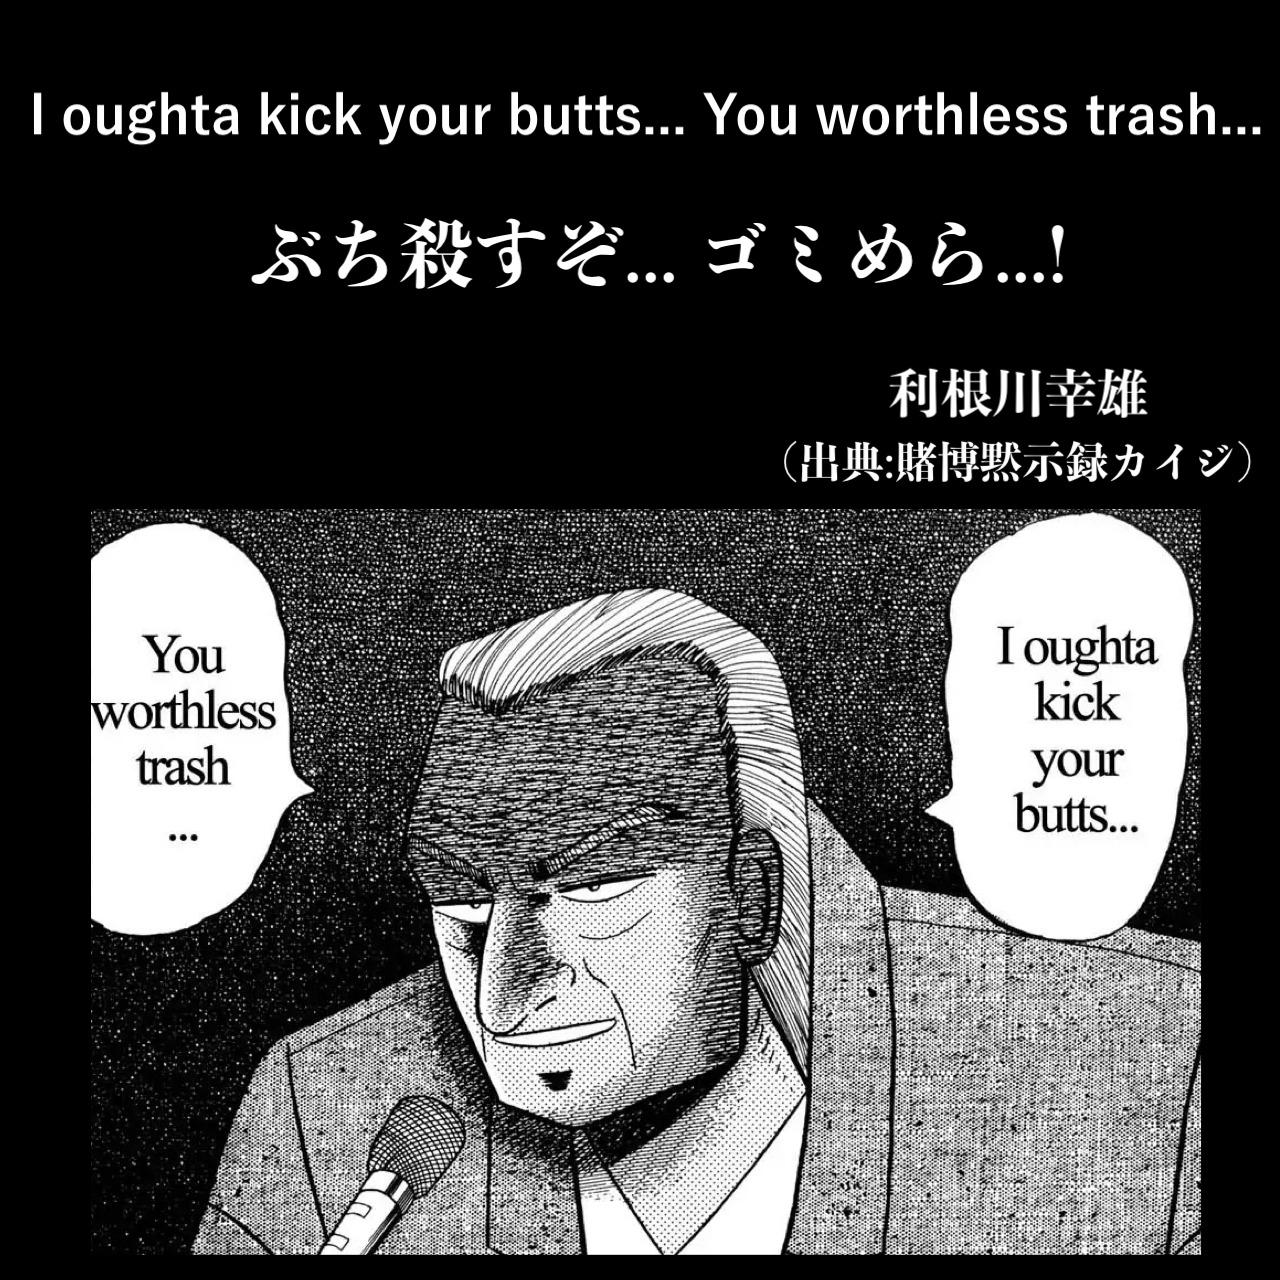 ぶち殺すぞ... ゴミめら...! / 利根川幸雄(出典:賭博黙示録カイジ)